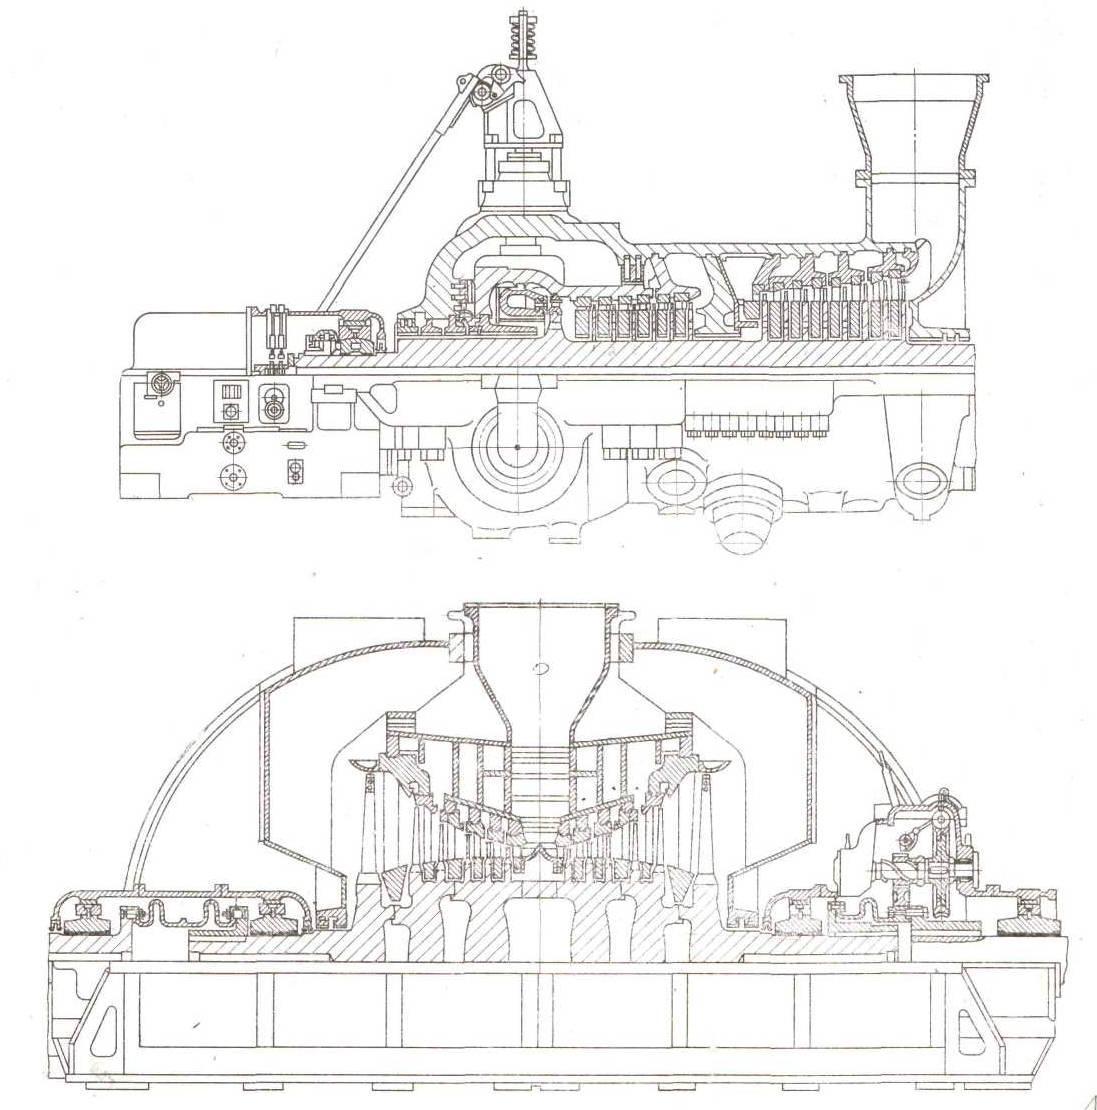 Общая конструкция и схема паровой турбины